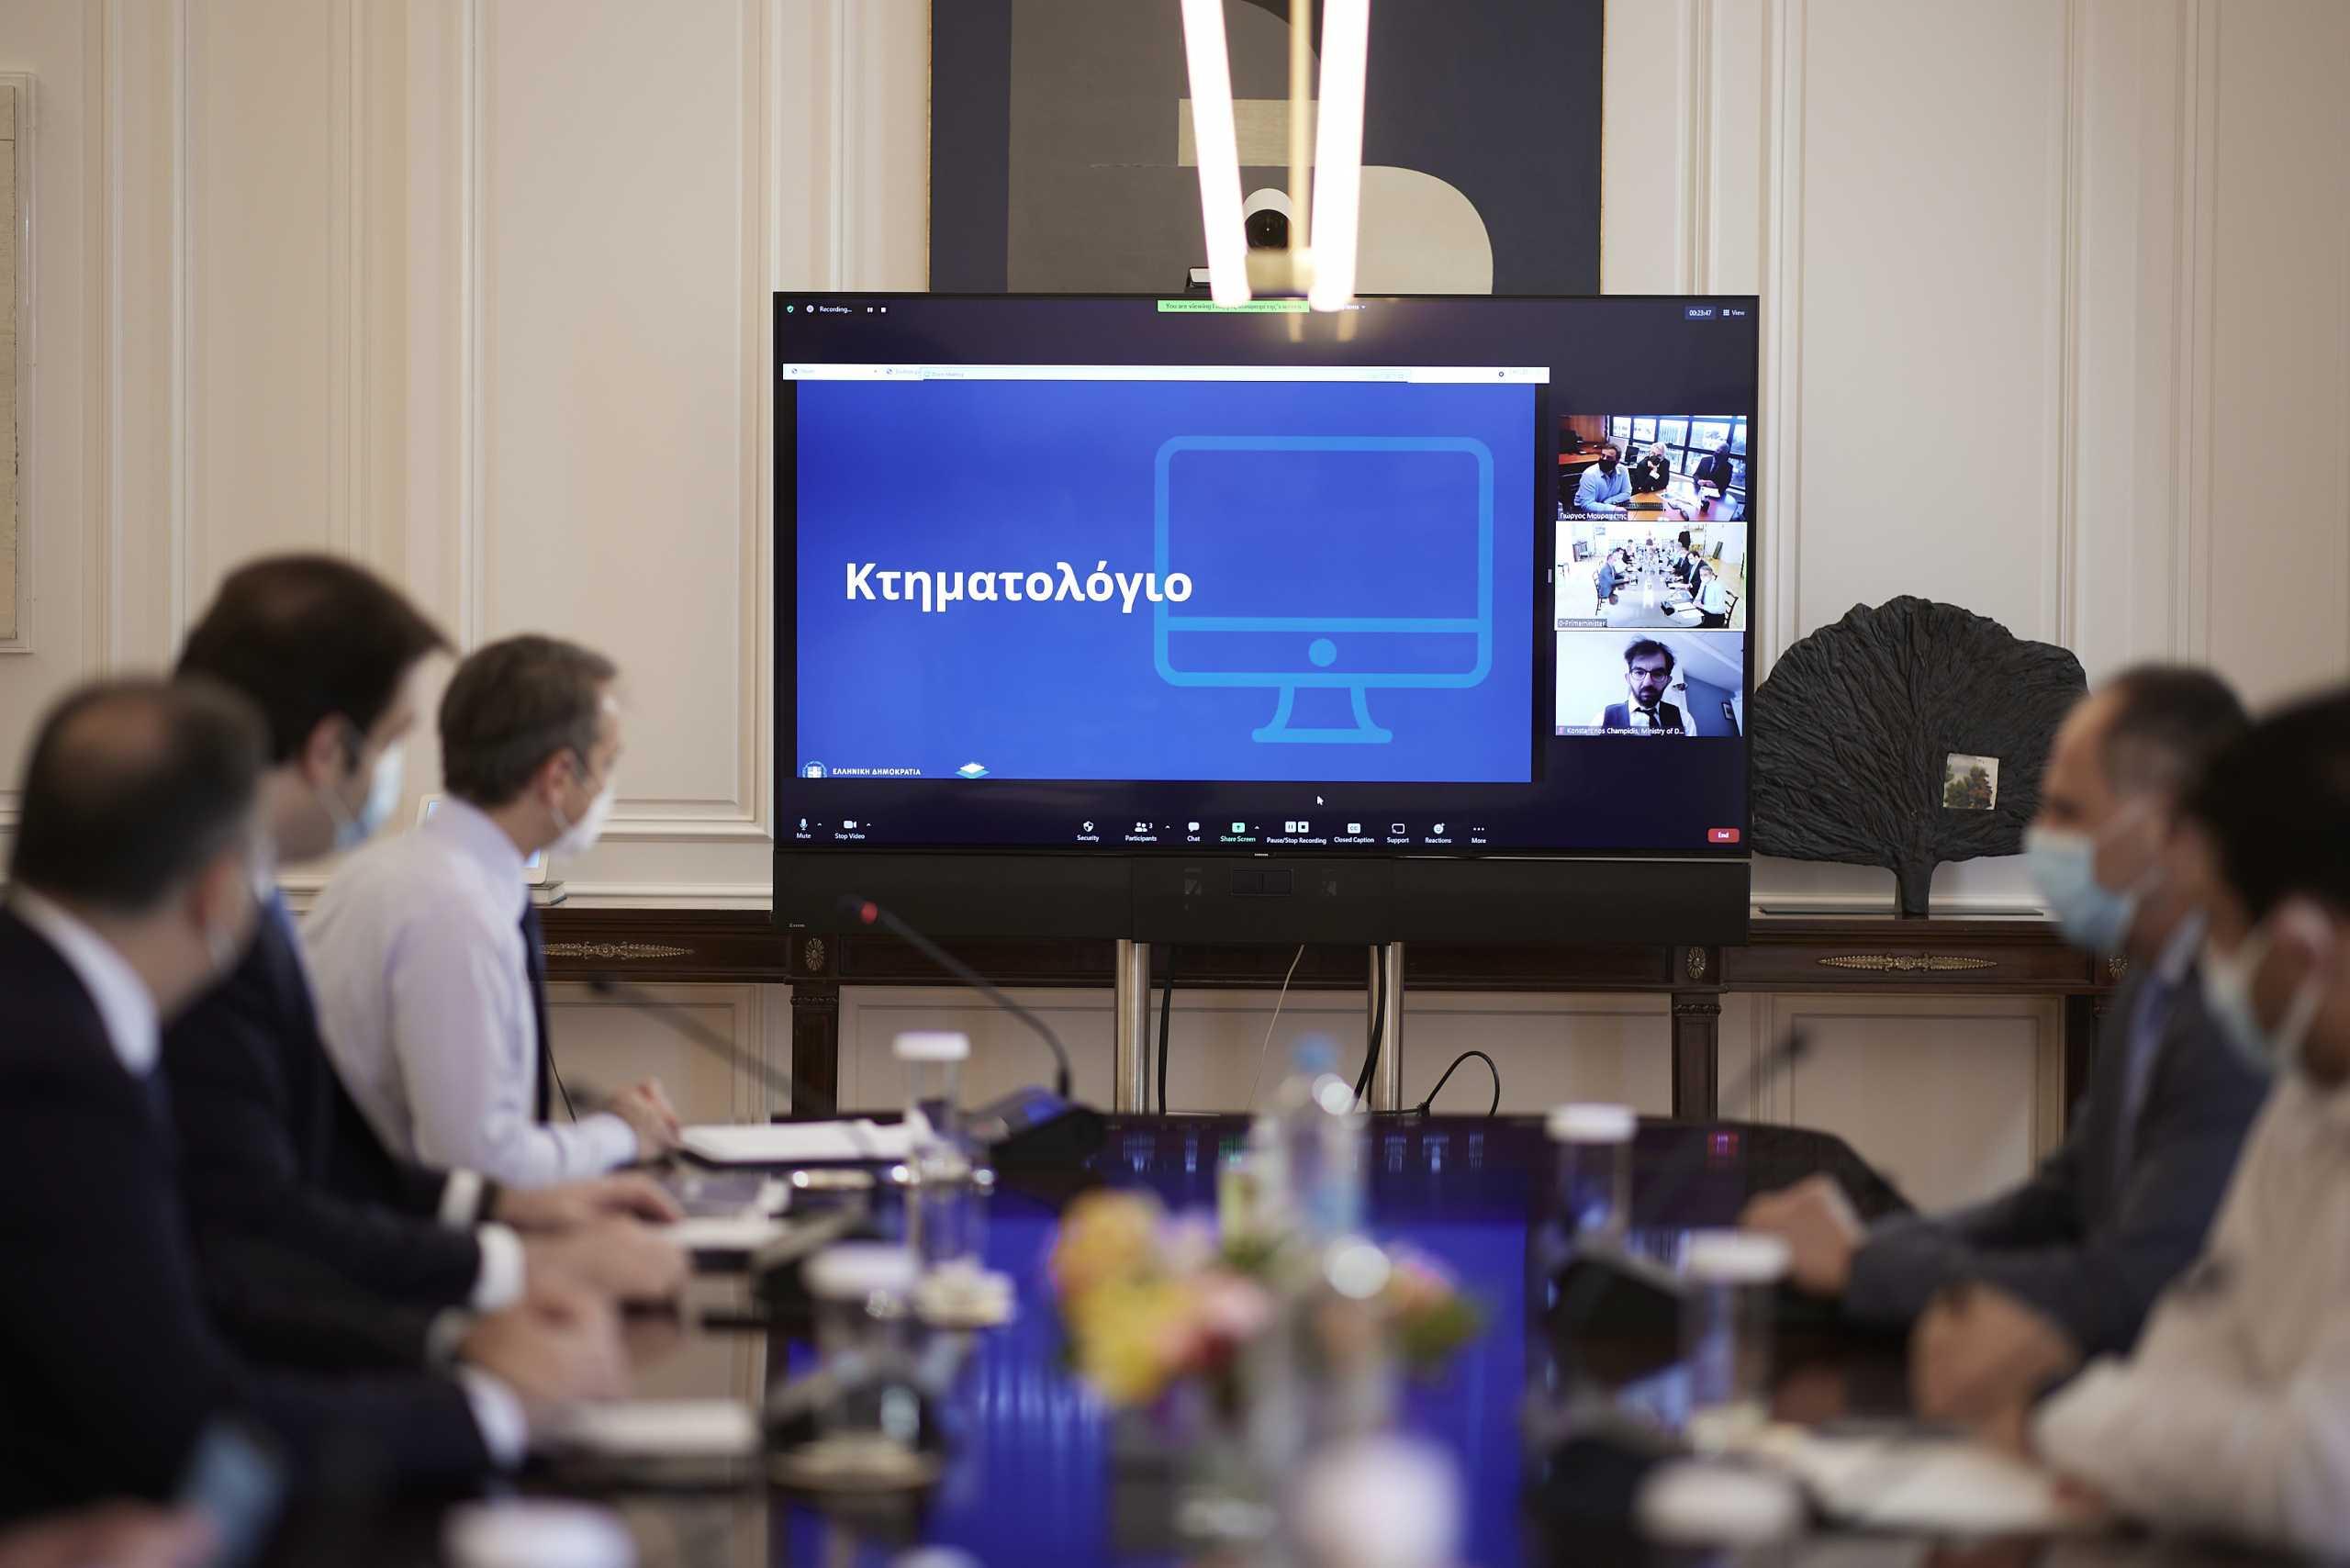 gov.gr: Νέες ψηφιακές υπηρεσίες για το Κτηματολόγιο